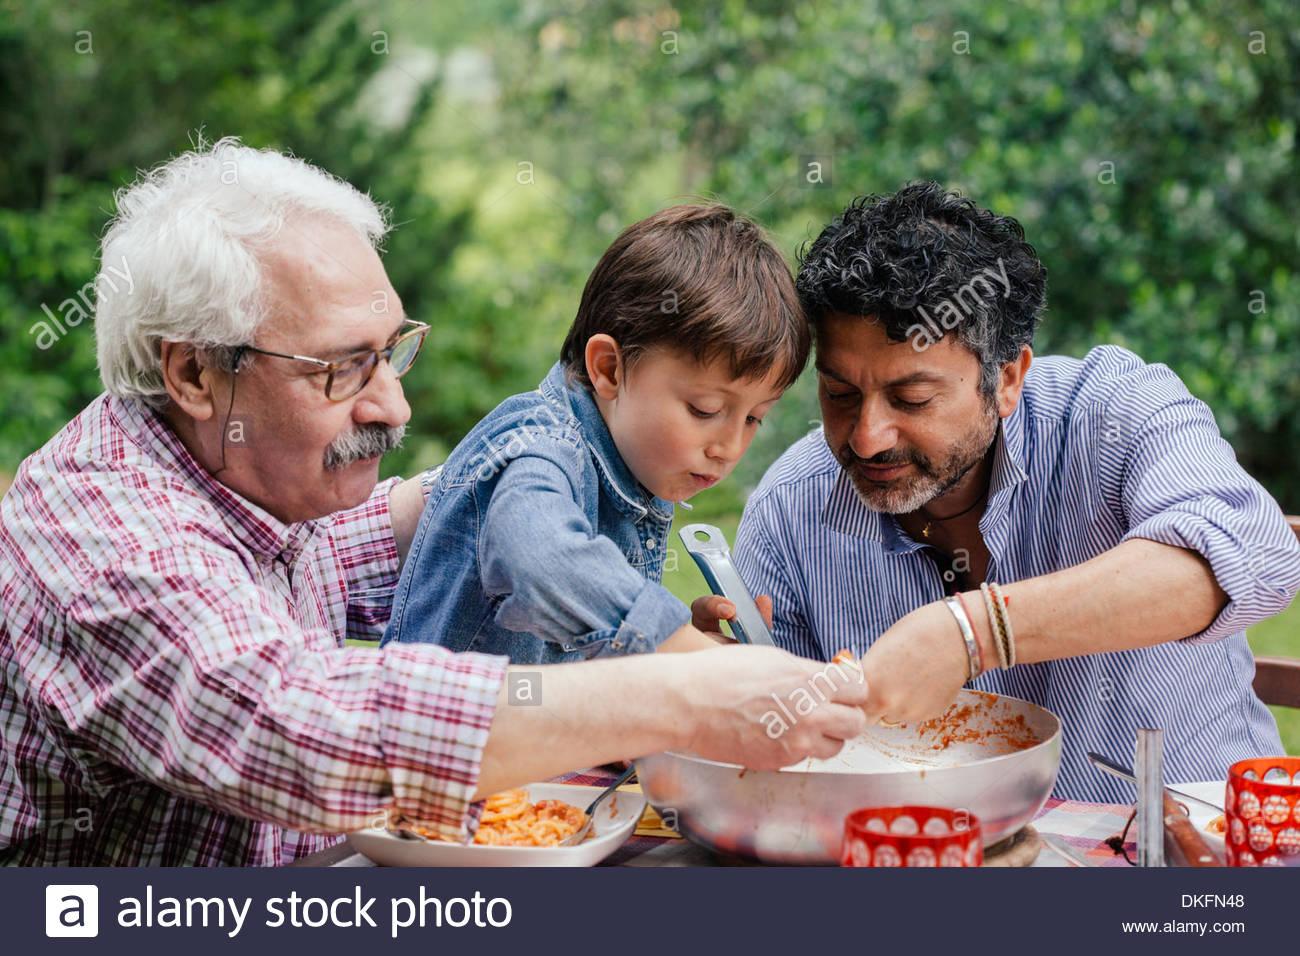 Trois générations d'hommes de la famille appréciant un repas ensemble Photo Stock